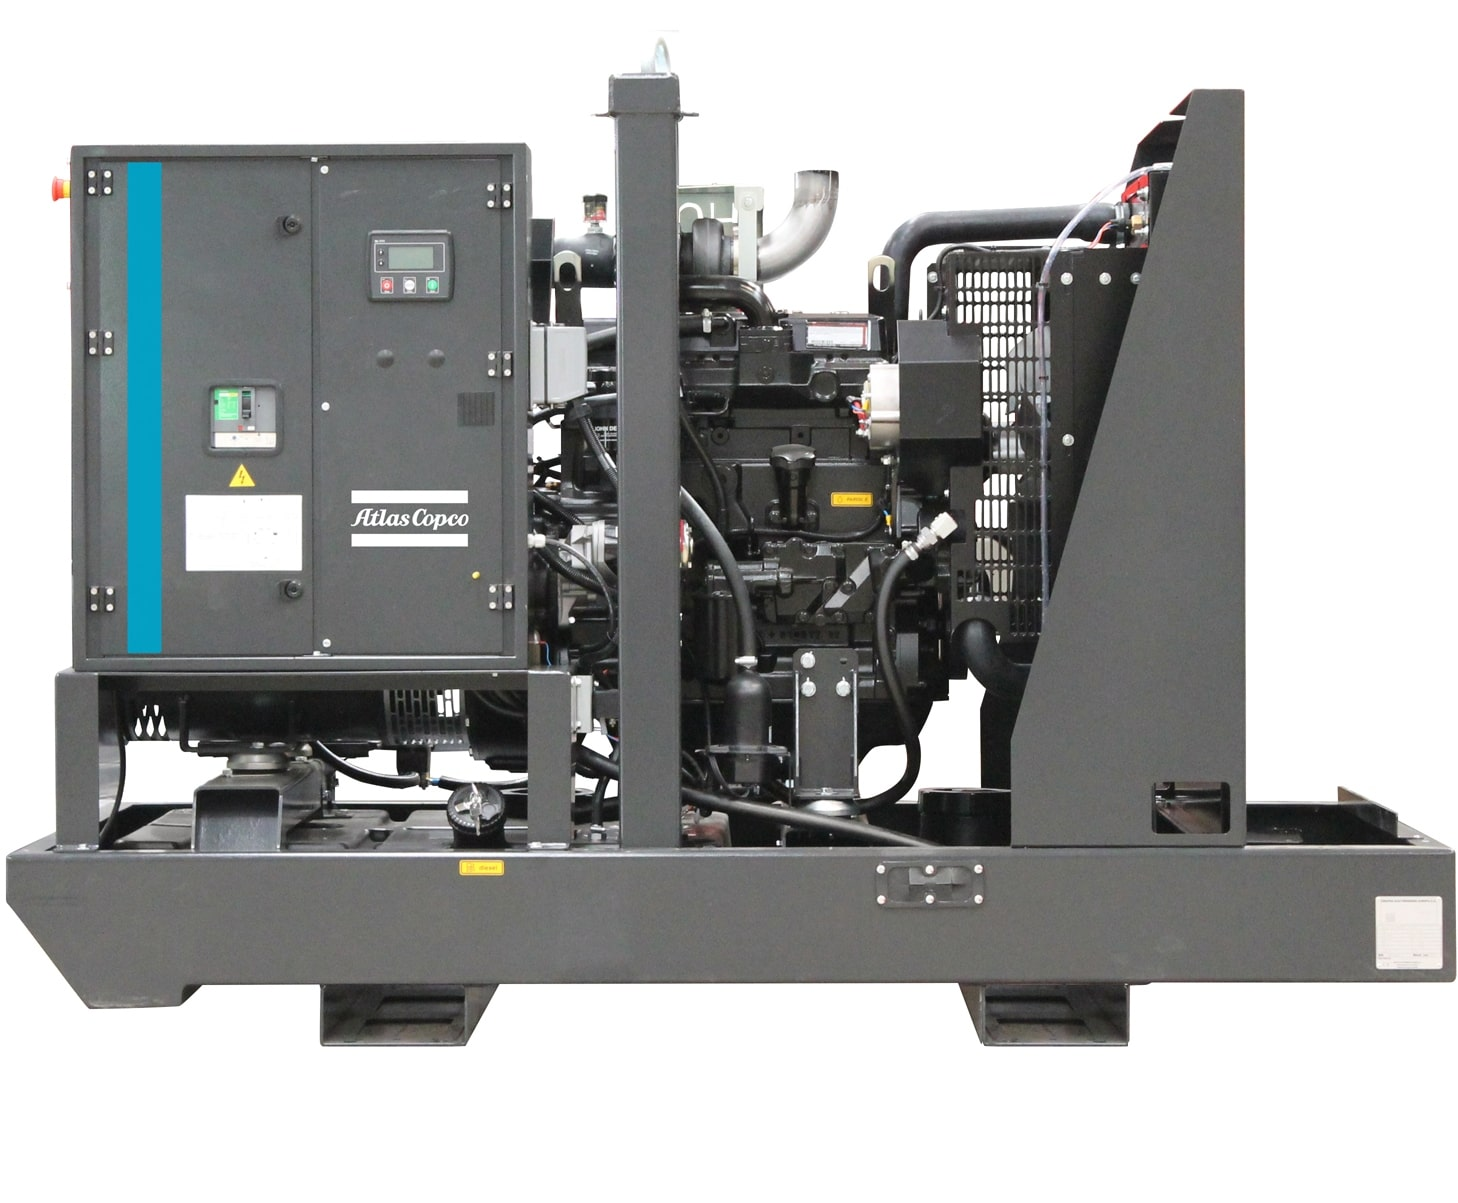 дизельная электростанция atlas copco qis 135